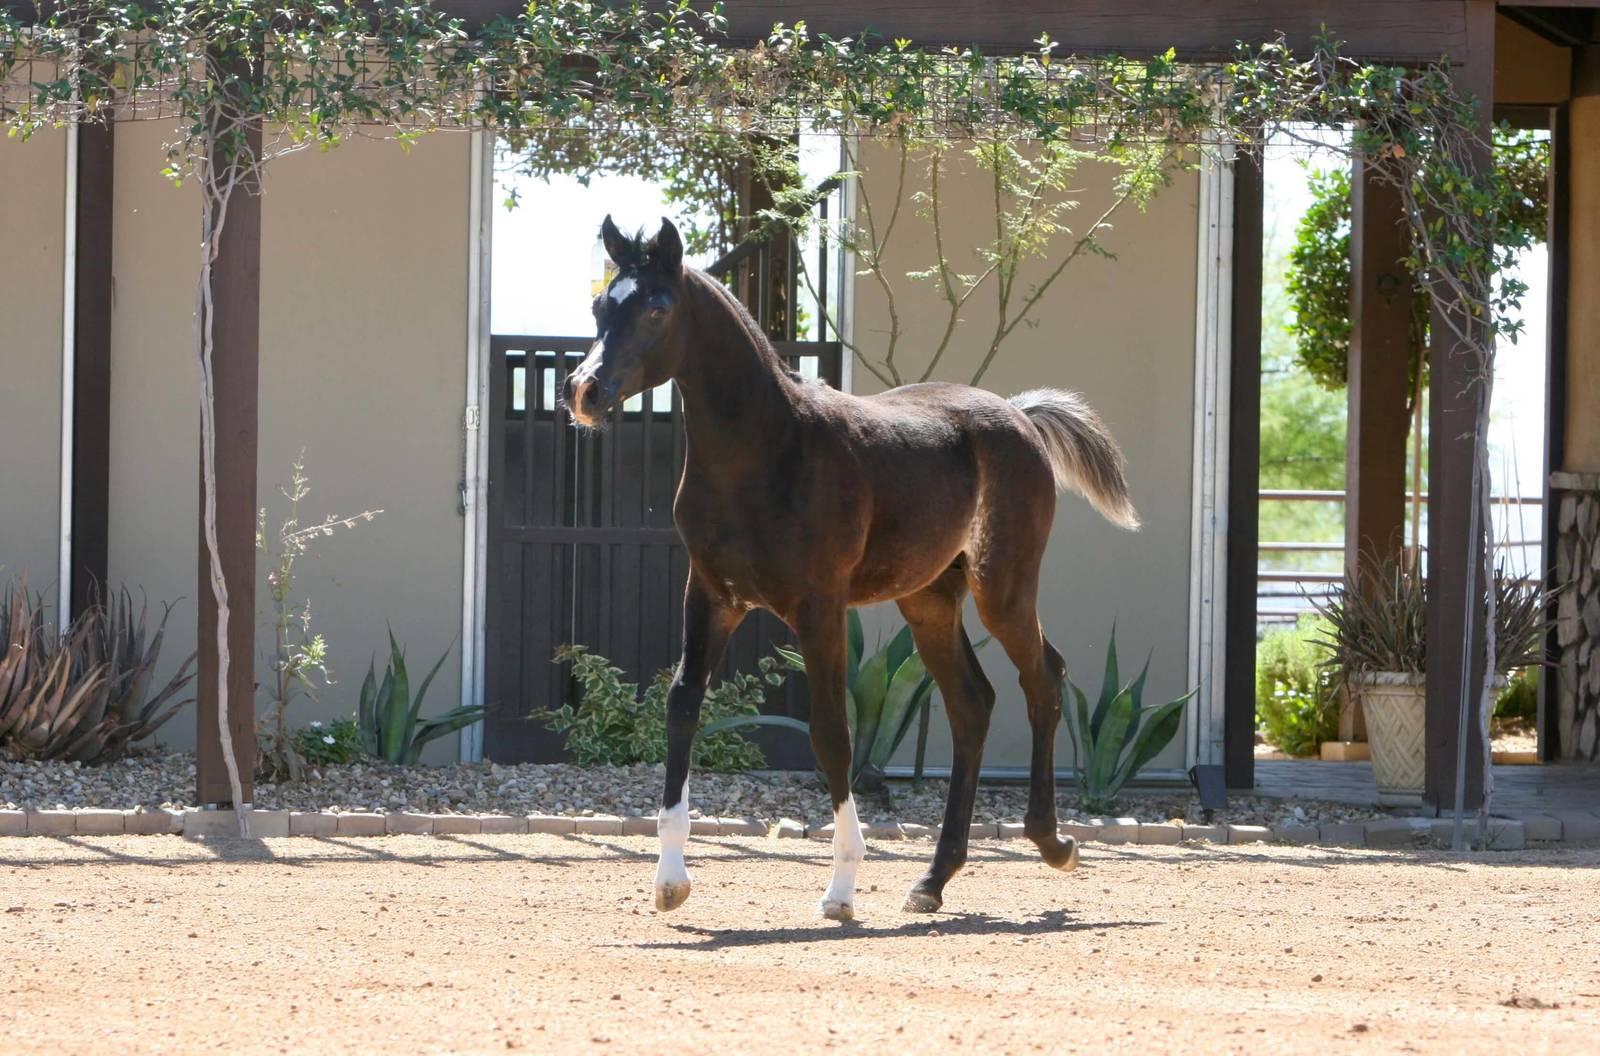 Azpin Regal - black SE colt - age 4 months